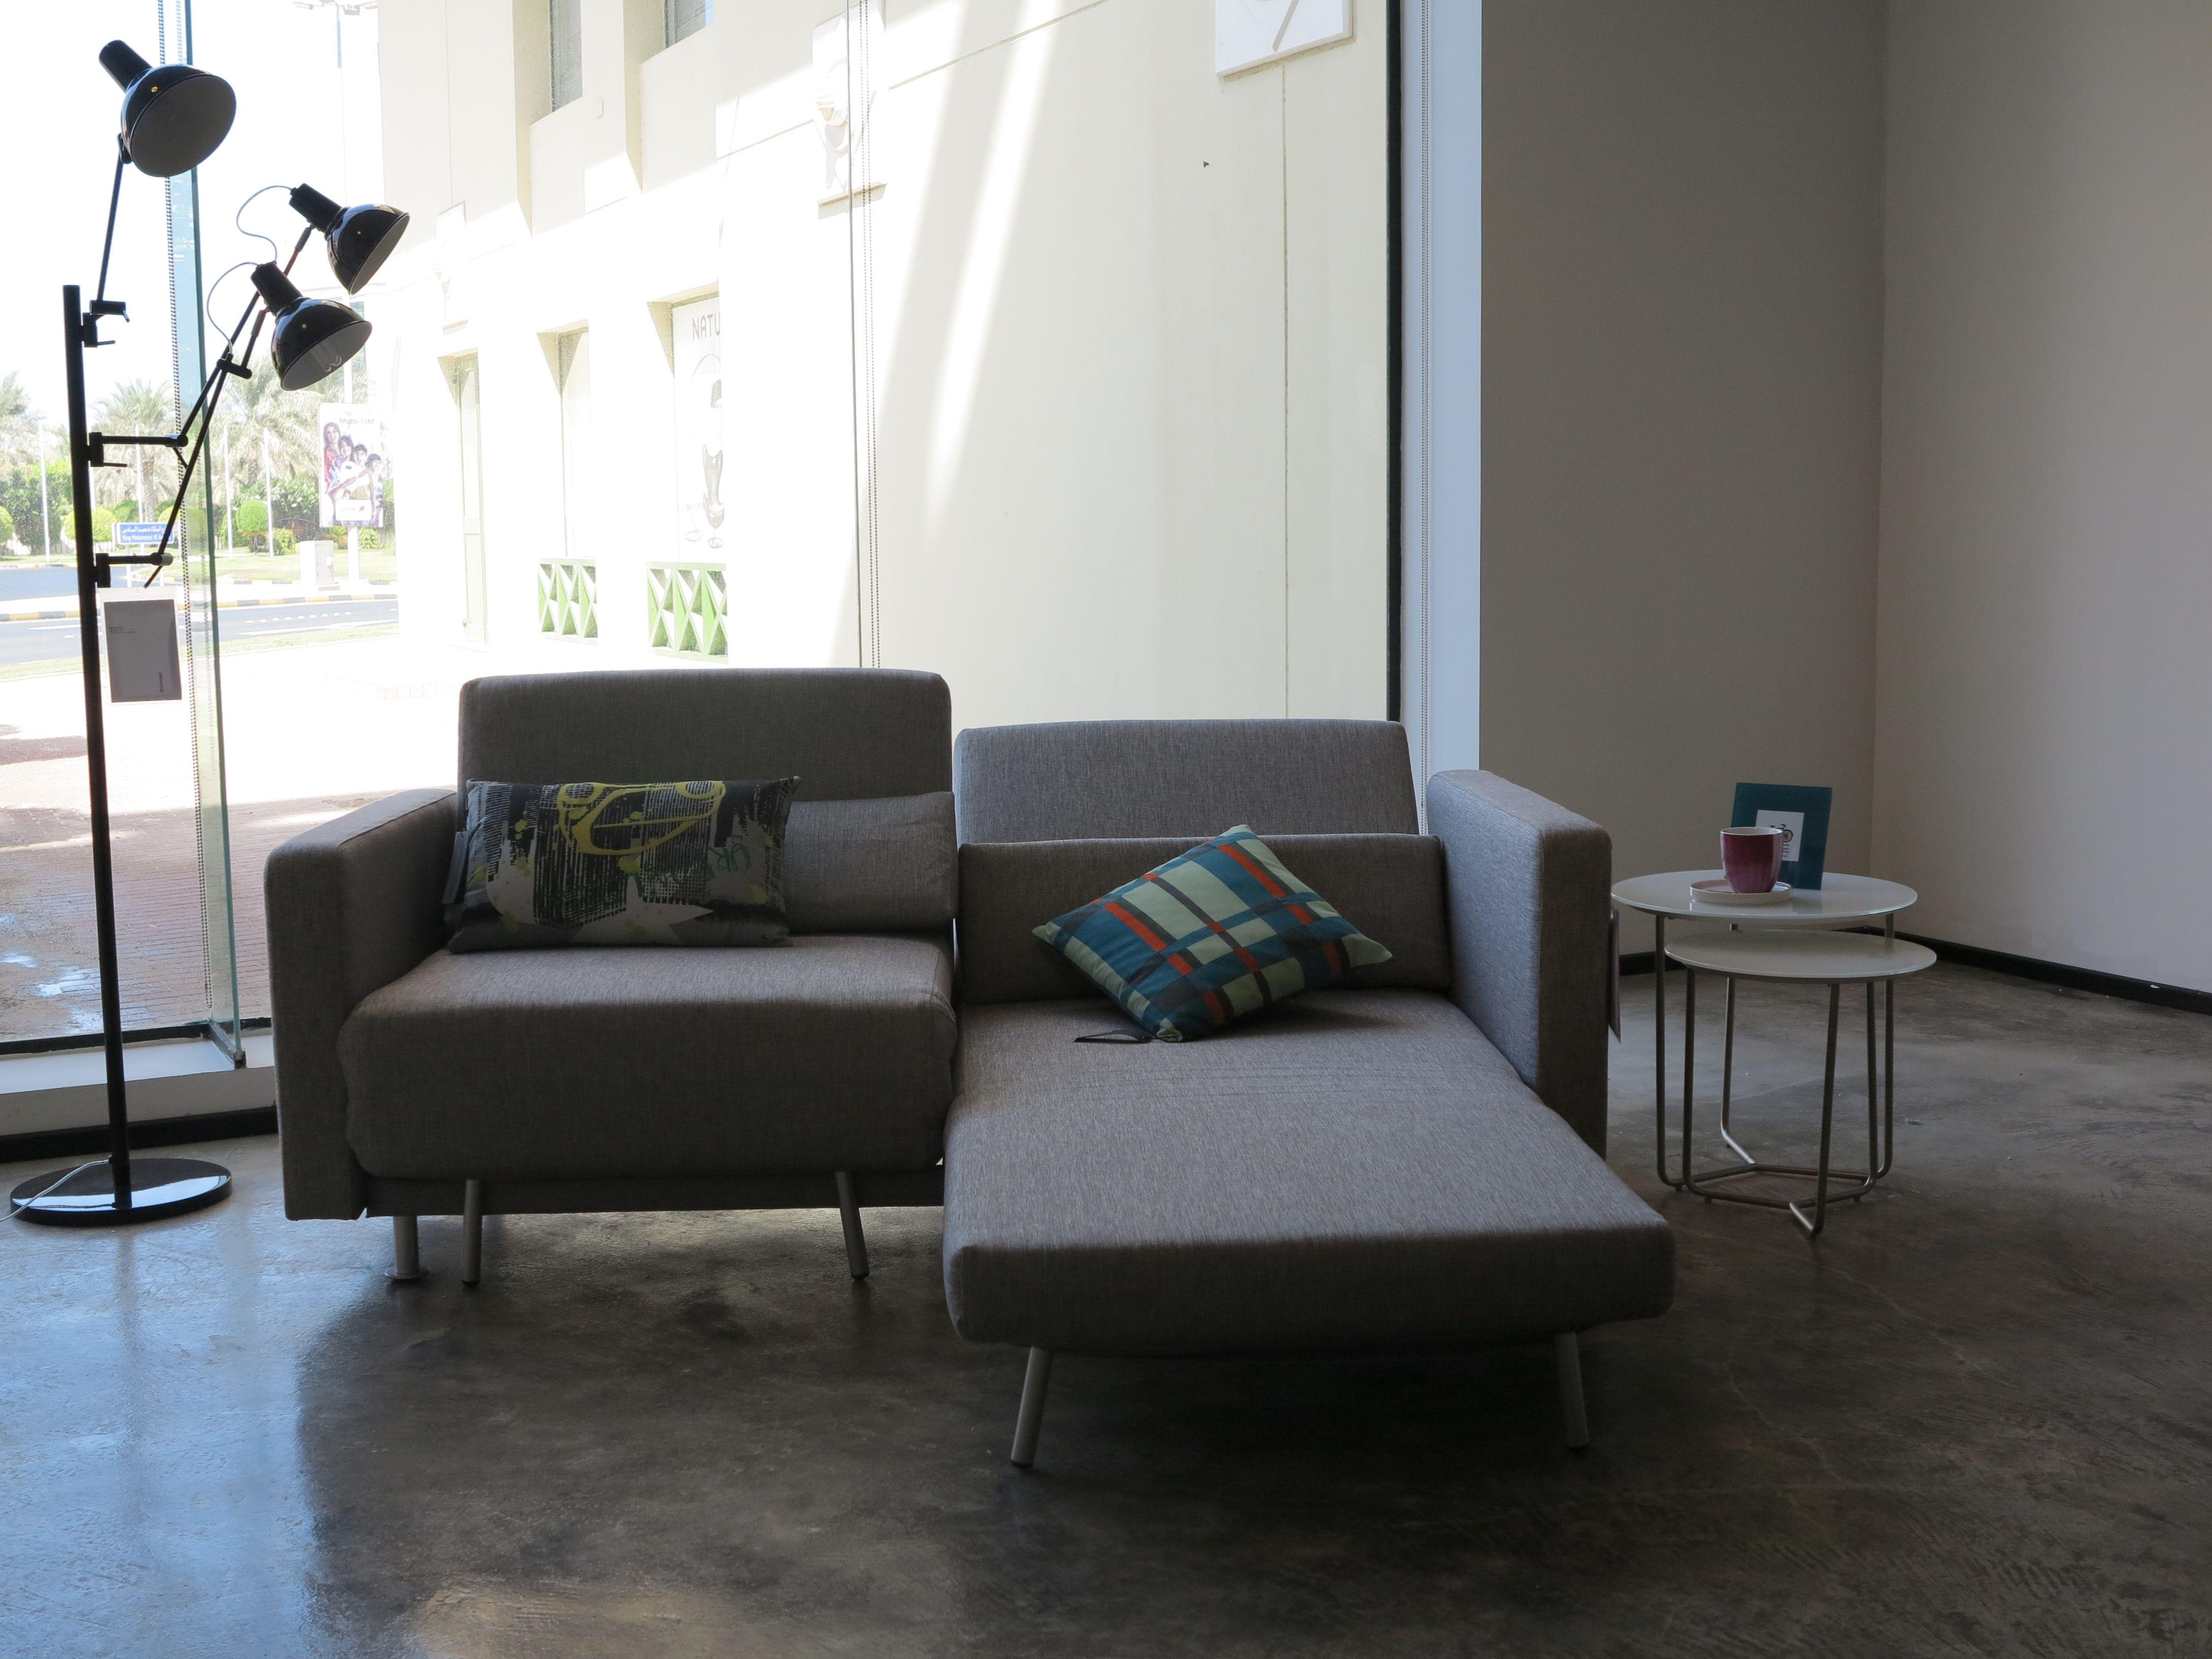 Boconcept melo sofabed design bedroom pinterest Beo concept